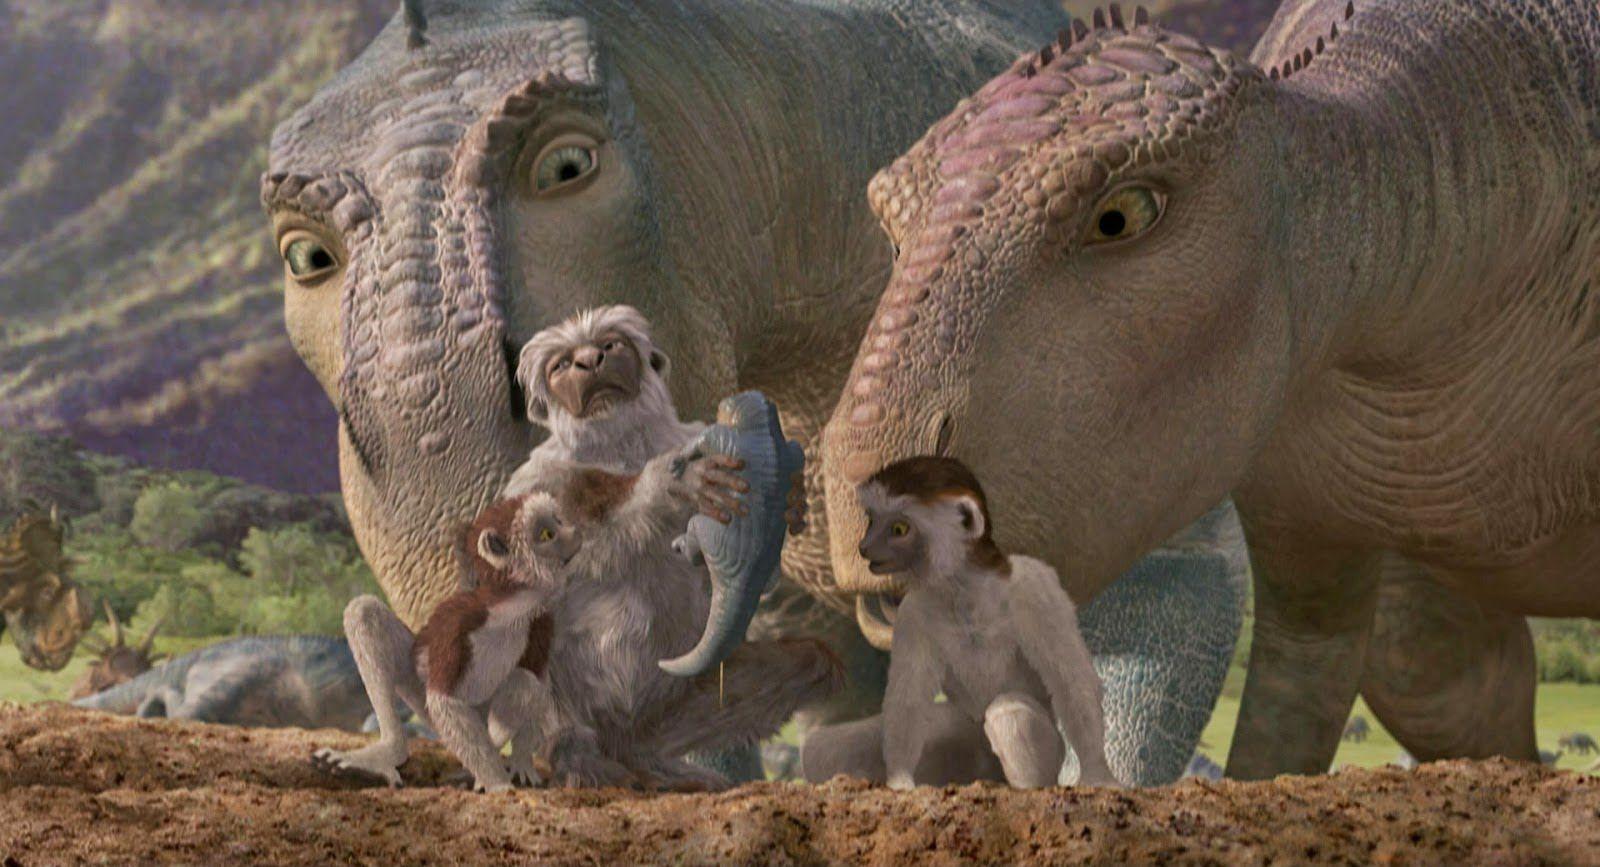 Dinosaur 2000 Animation Adventure Full Movei Dinosaur Movie Disney Dinosaur Disney Dinosaur Movie